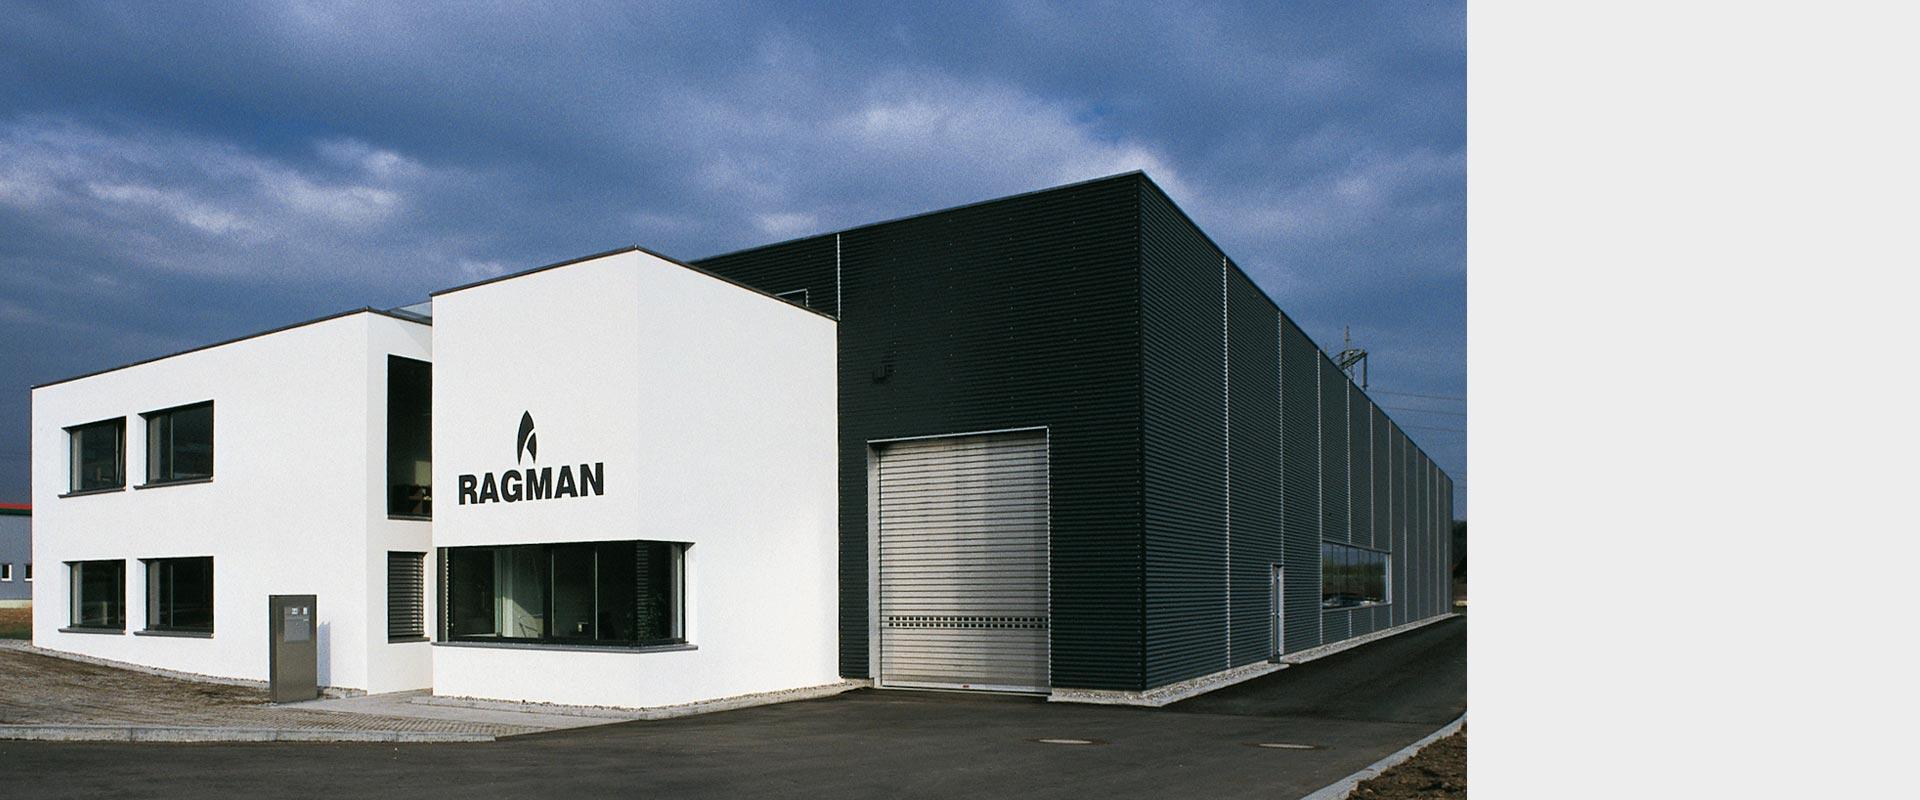 Architekturbüro Henning Musahl Waldshut Firma Ragman in Waldshut